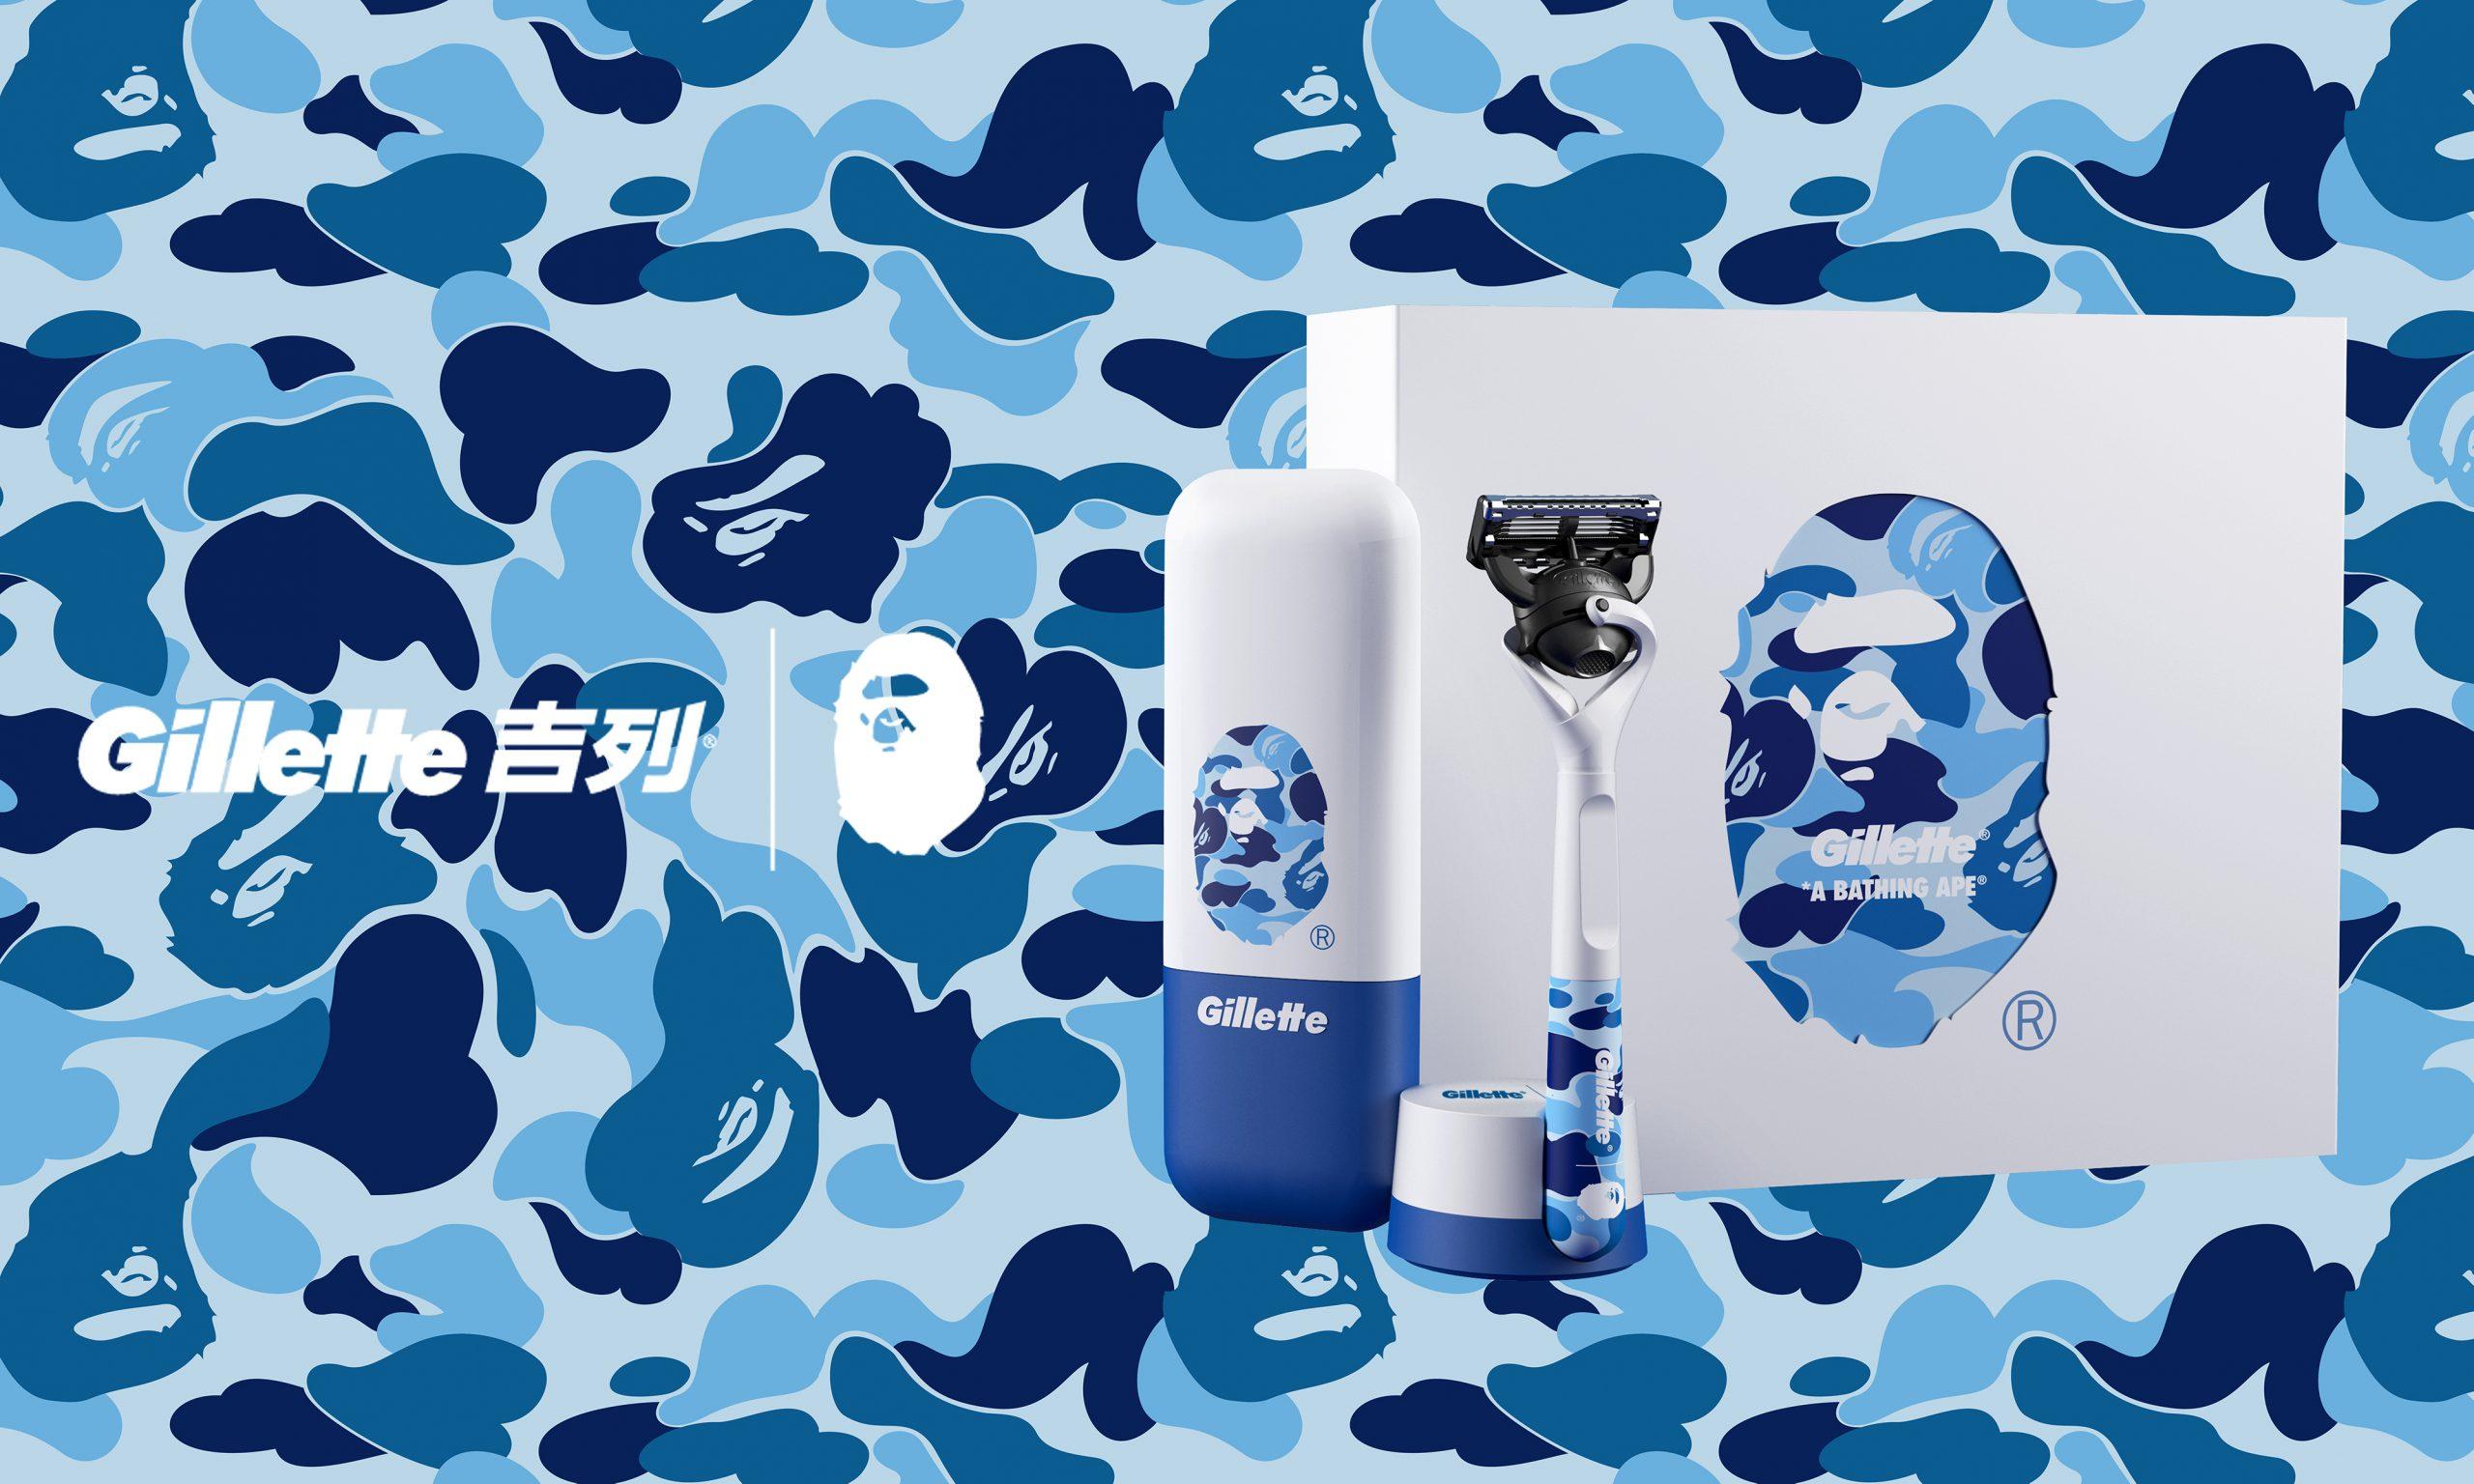 Gillette x A BATHING APE® 剃须礼盒潮酷上市